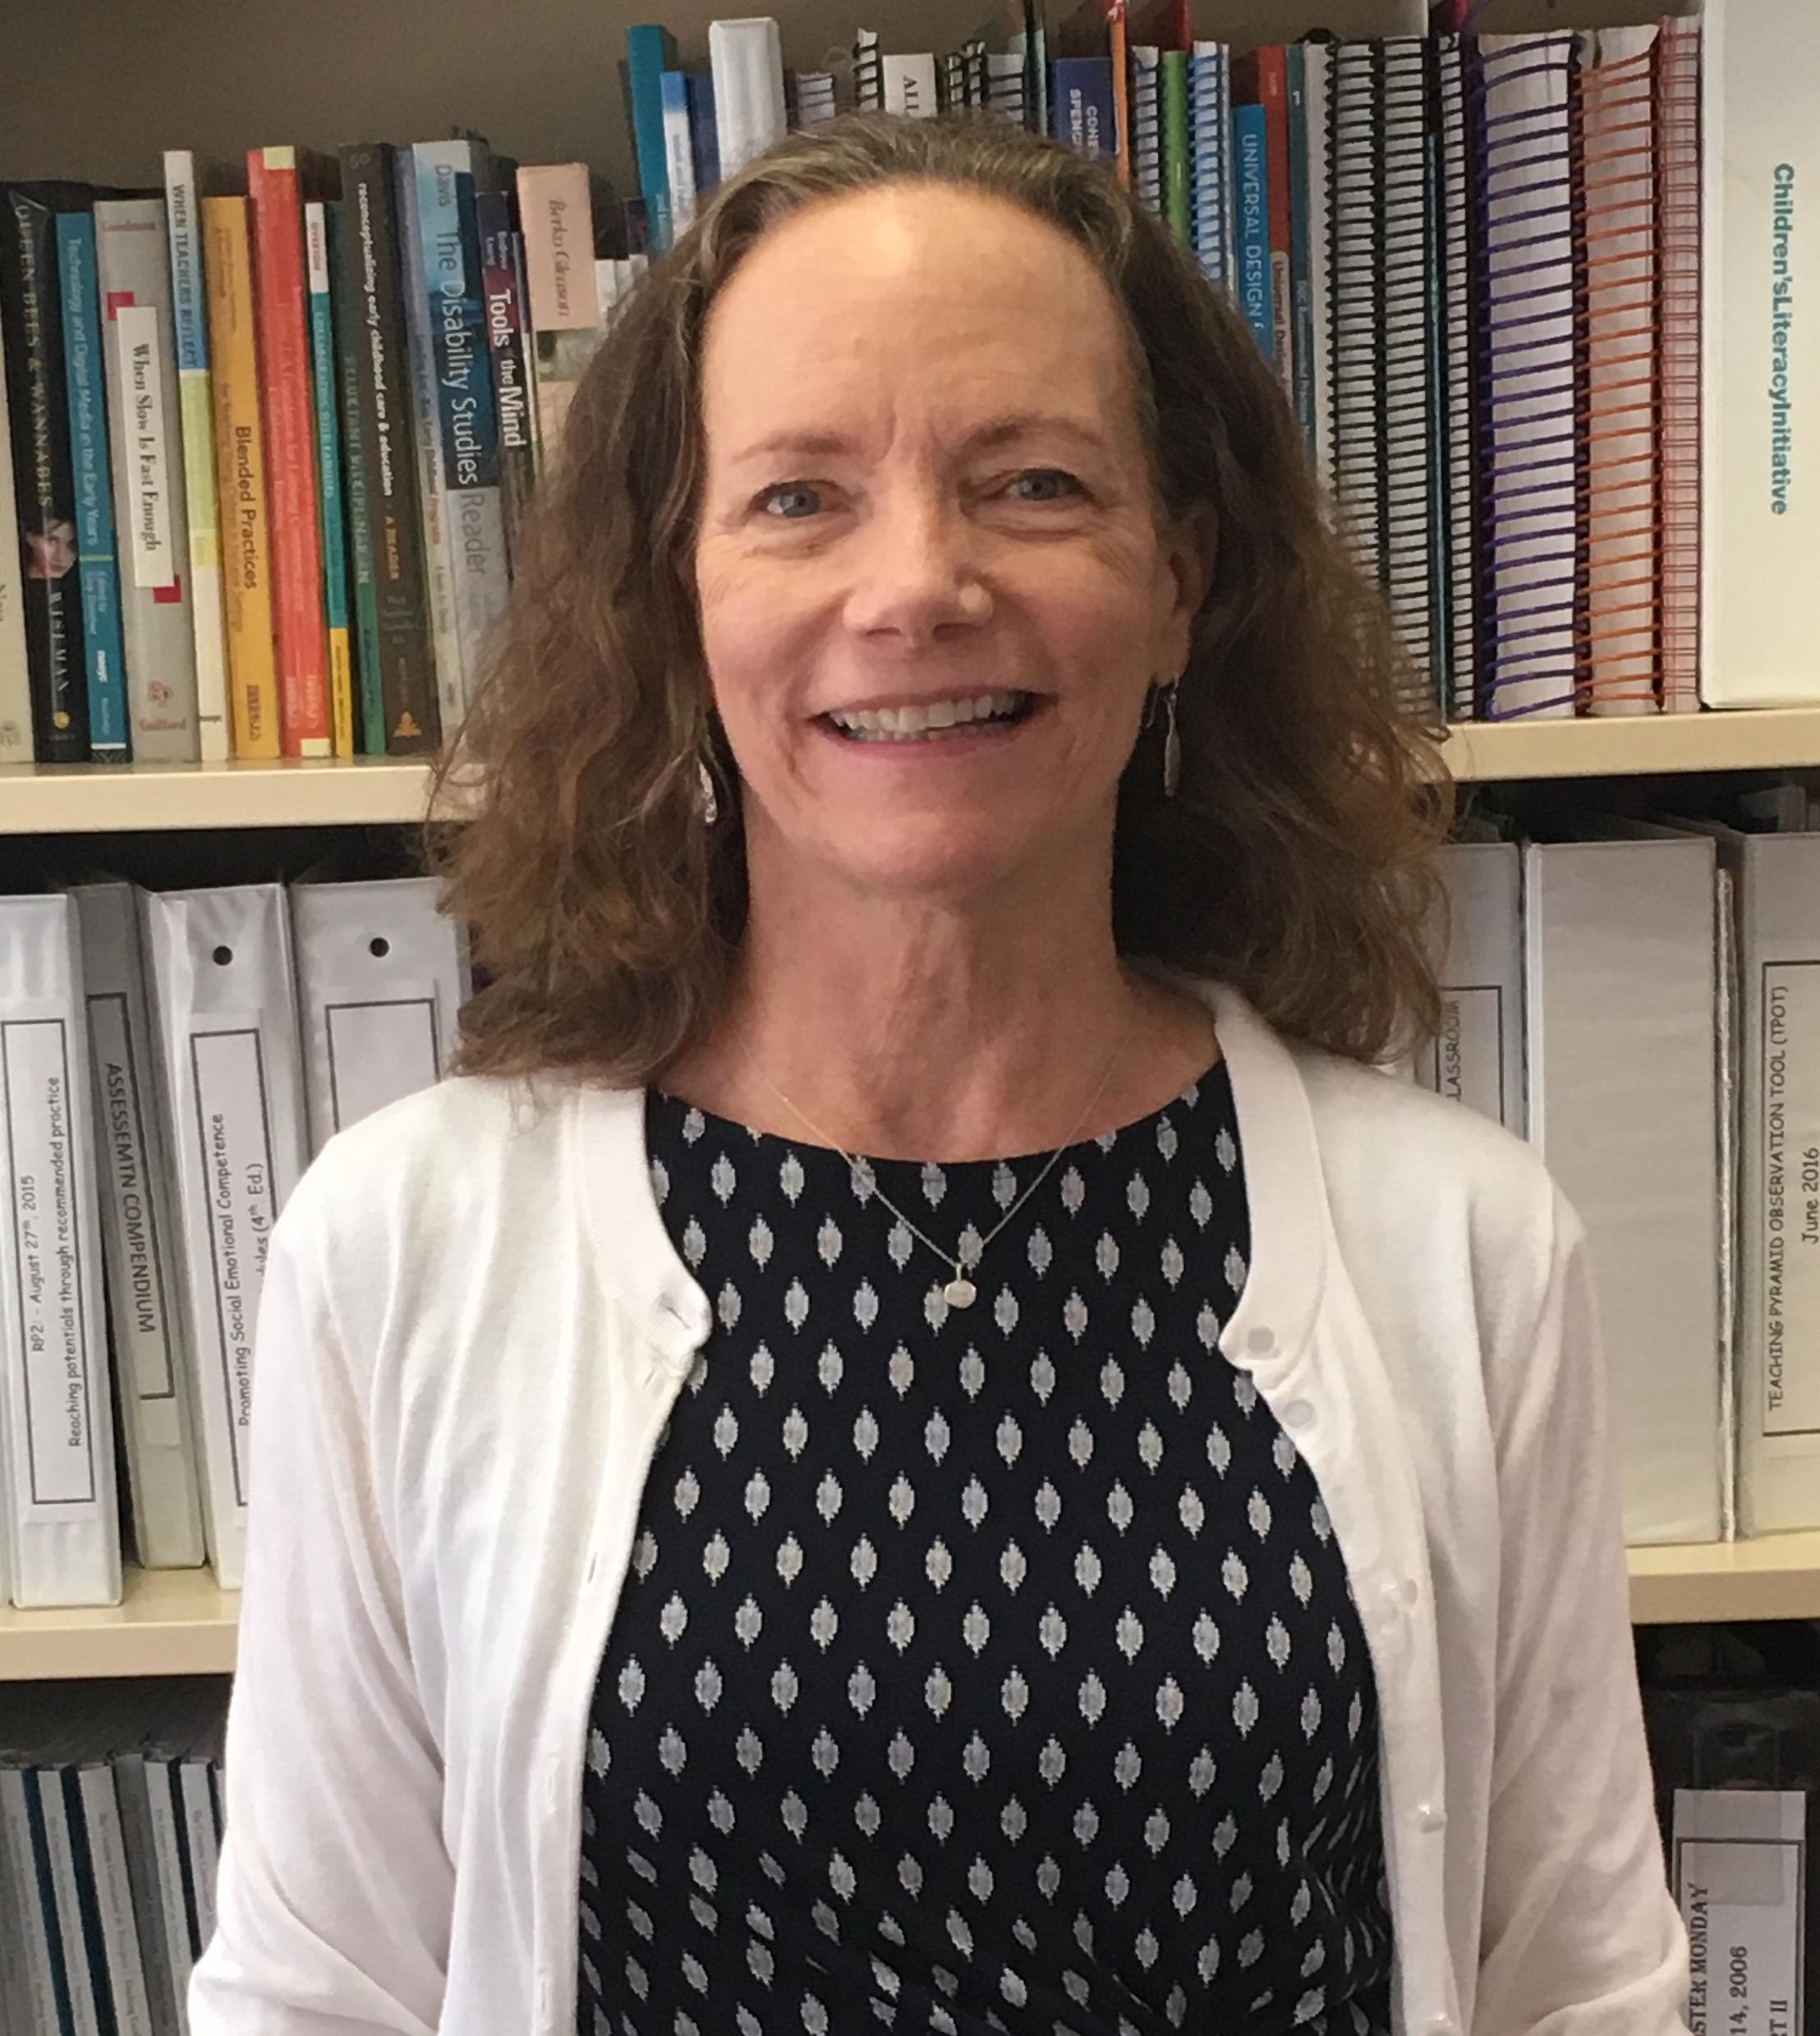 Beth Ann Gardiner